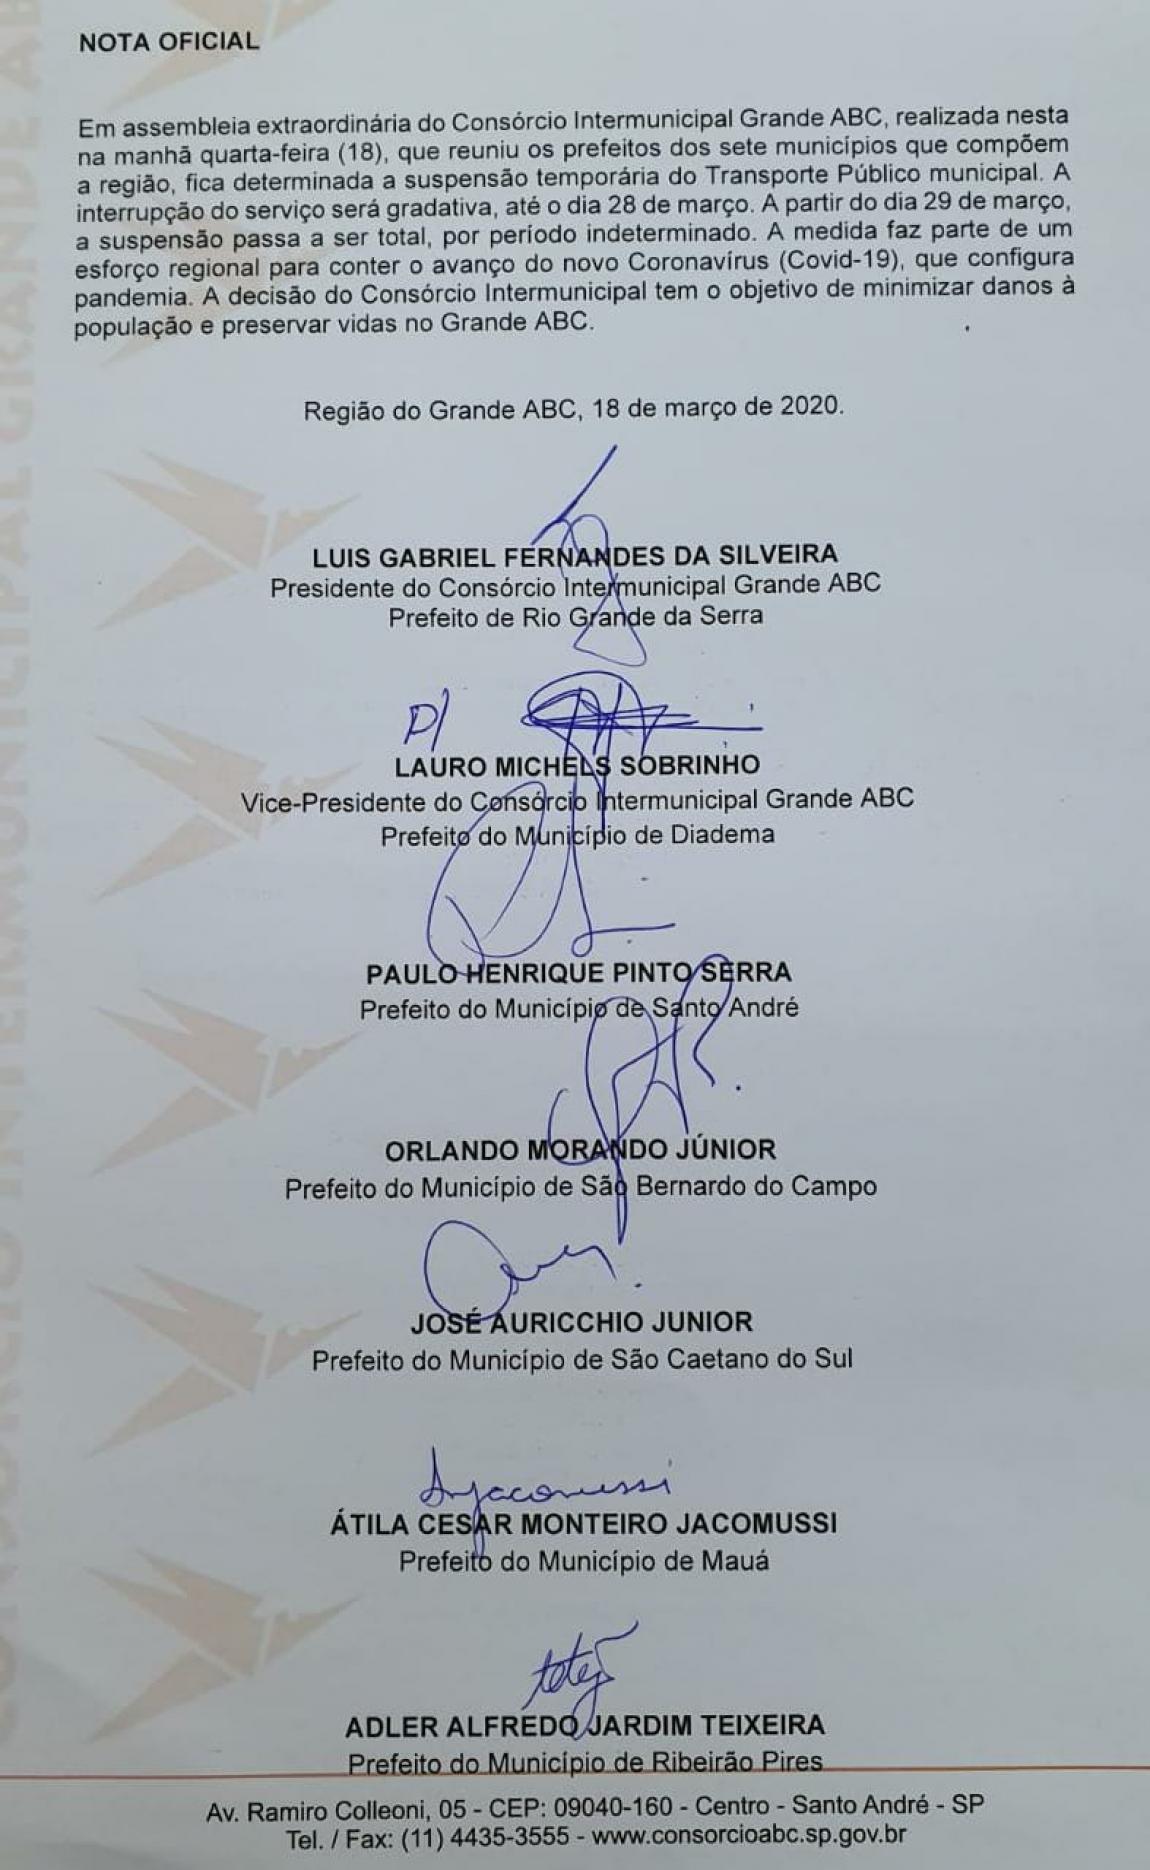 Imagem de ABC Paulista: Transporte público municipal será suspenso a partir do dia 29